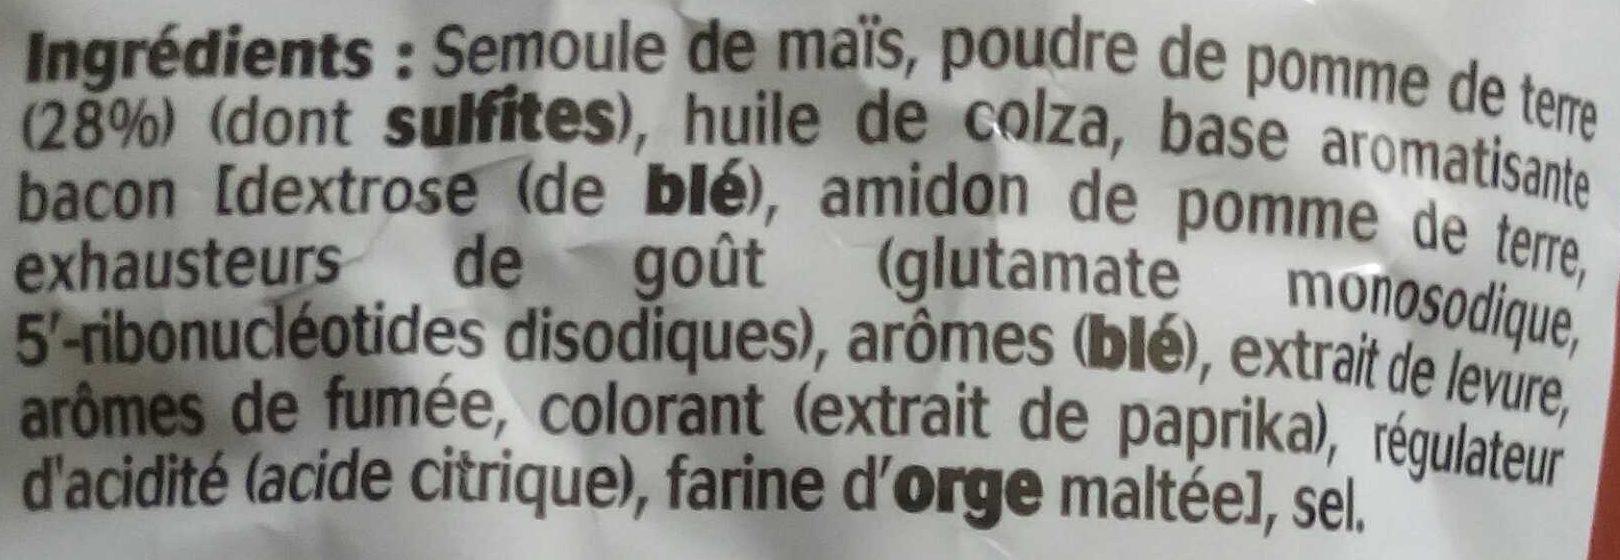 Fritelle, Goût Bacon - Ingrediënten